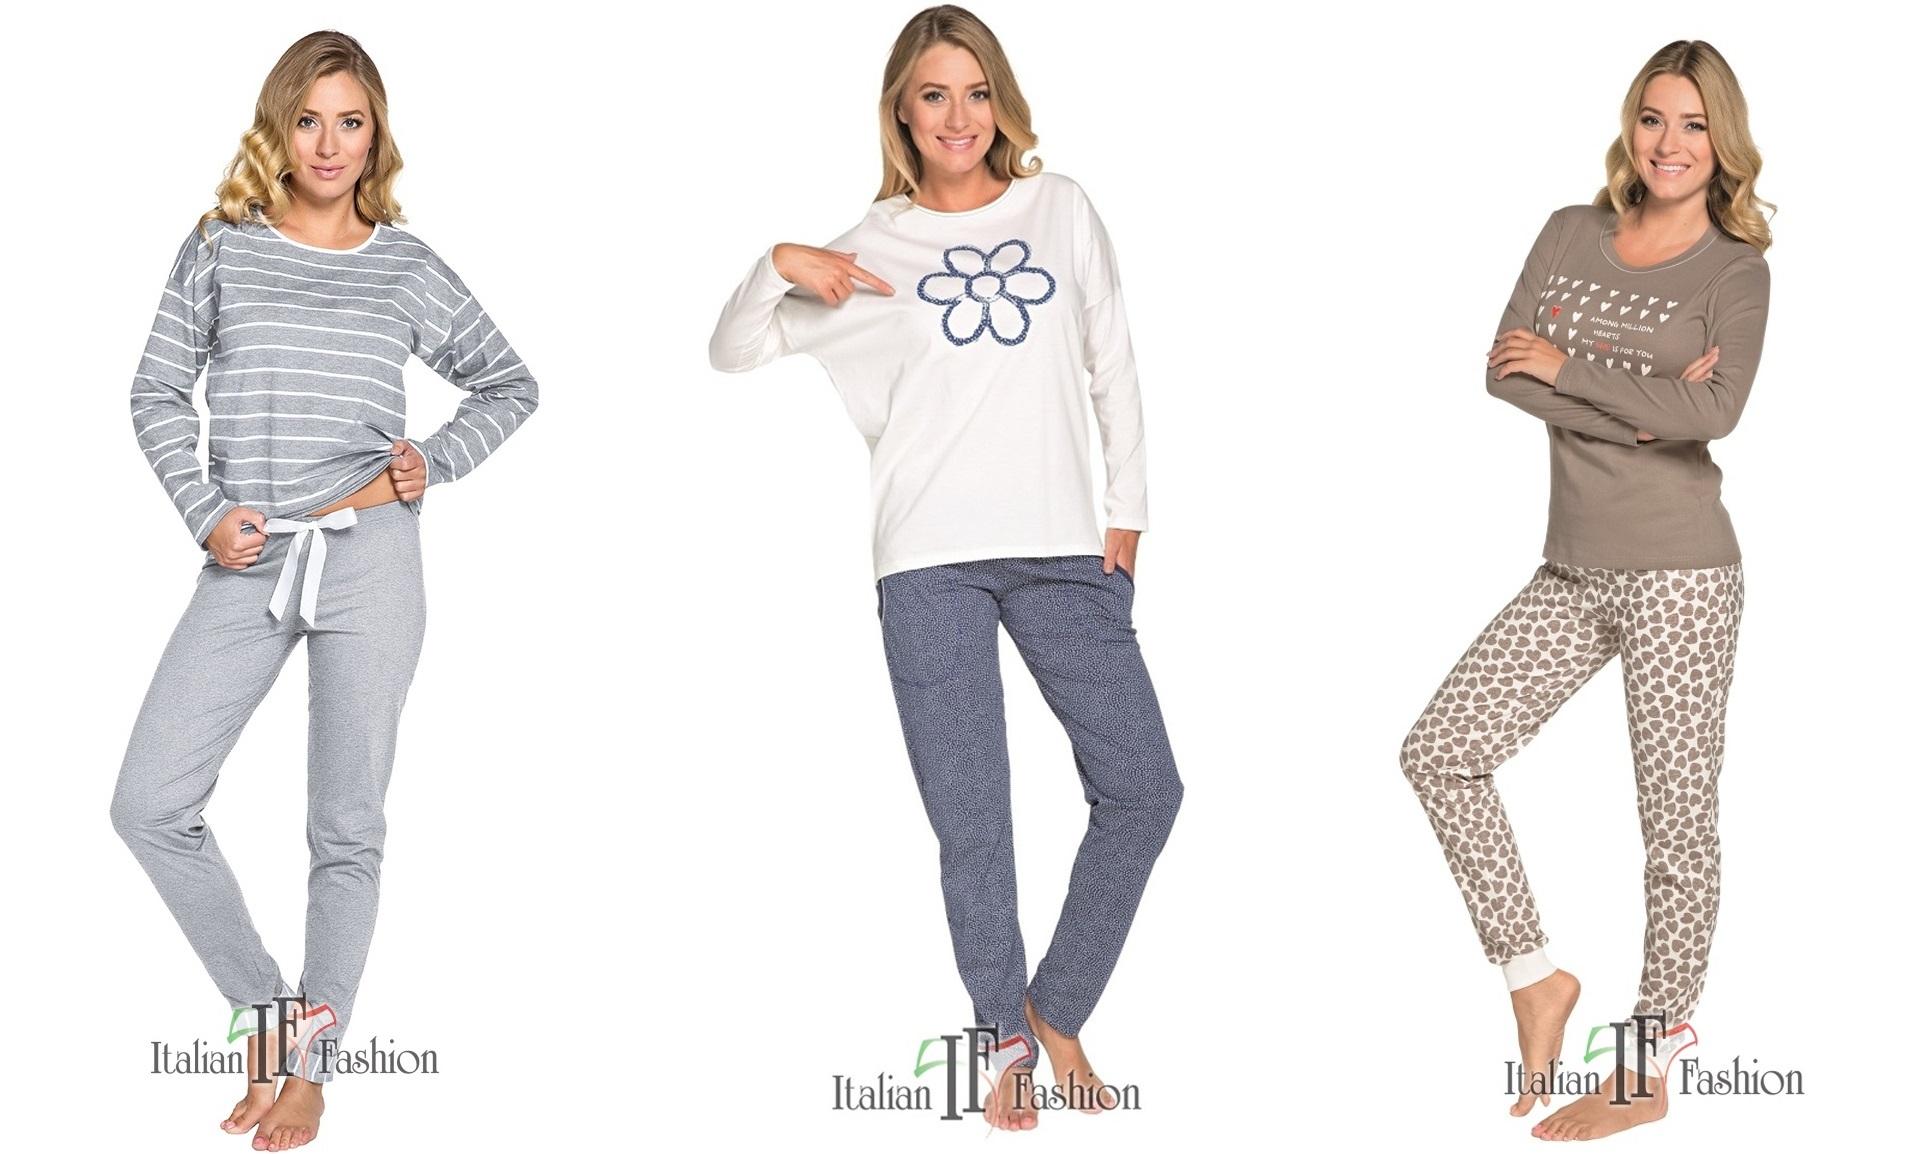 Женские пижамы Italian Fashion купить в интернет магазине relish.com.ua